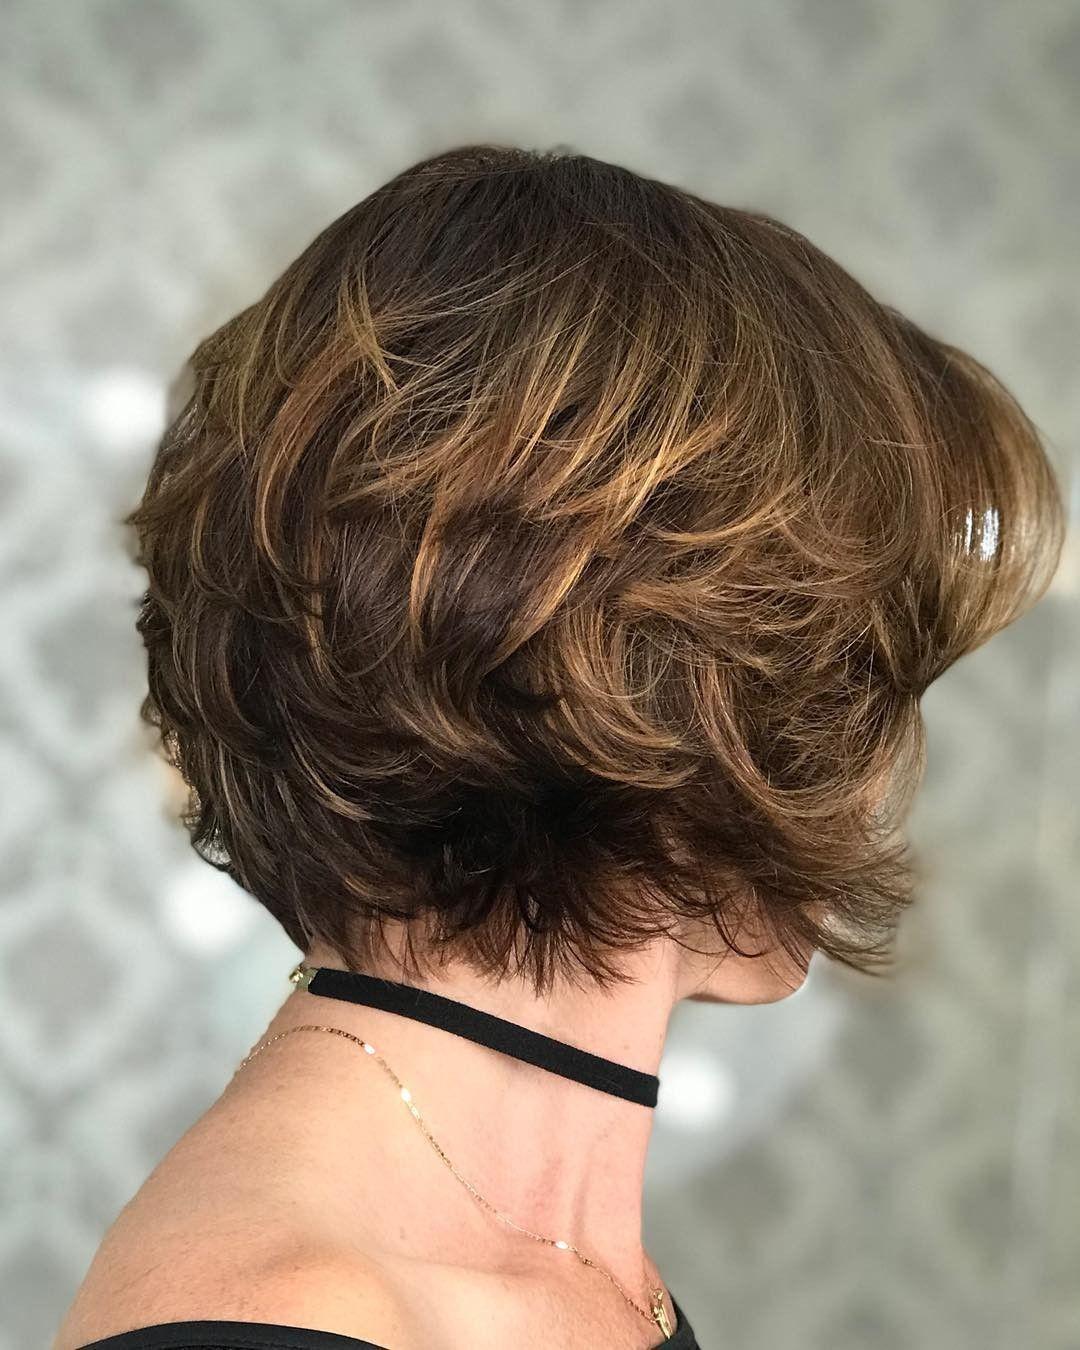 Pin di Pina Iam su capelli nel 2020   Capelli corti folti ...